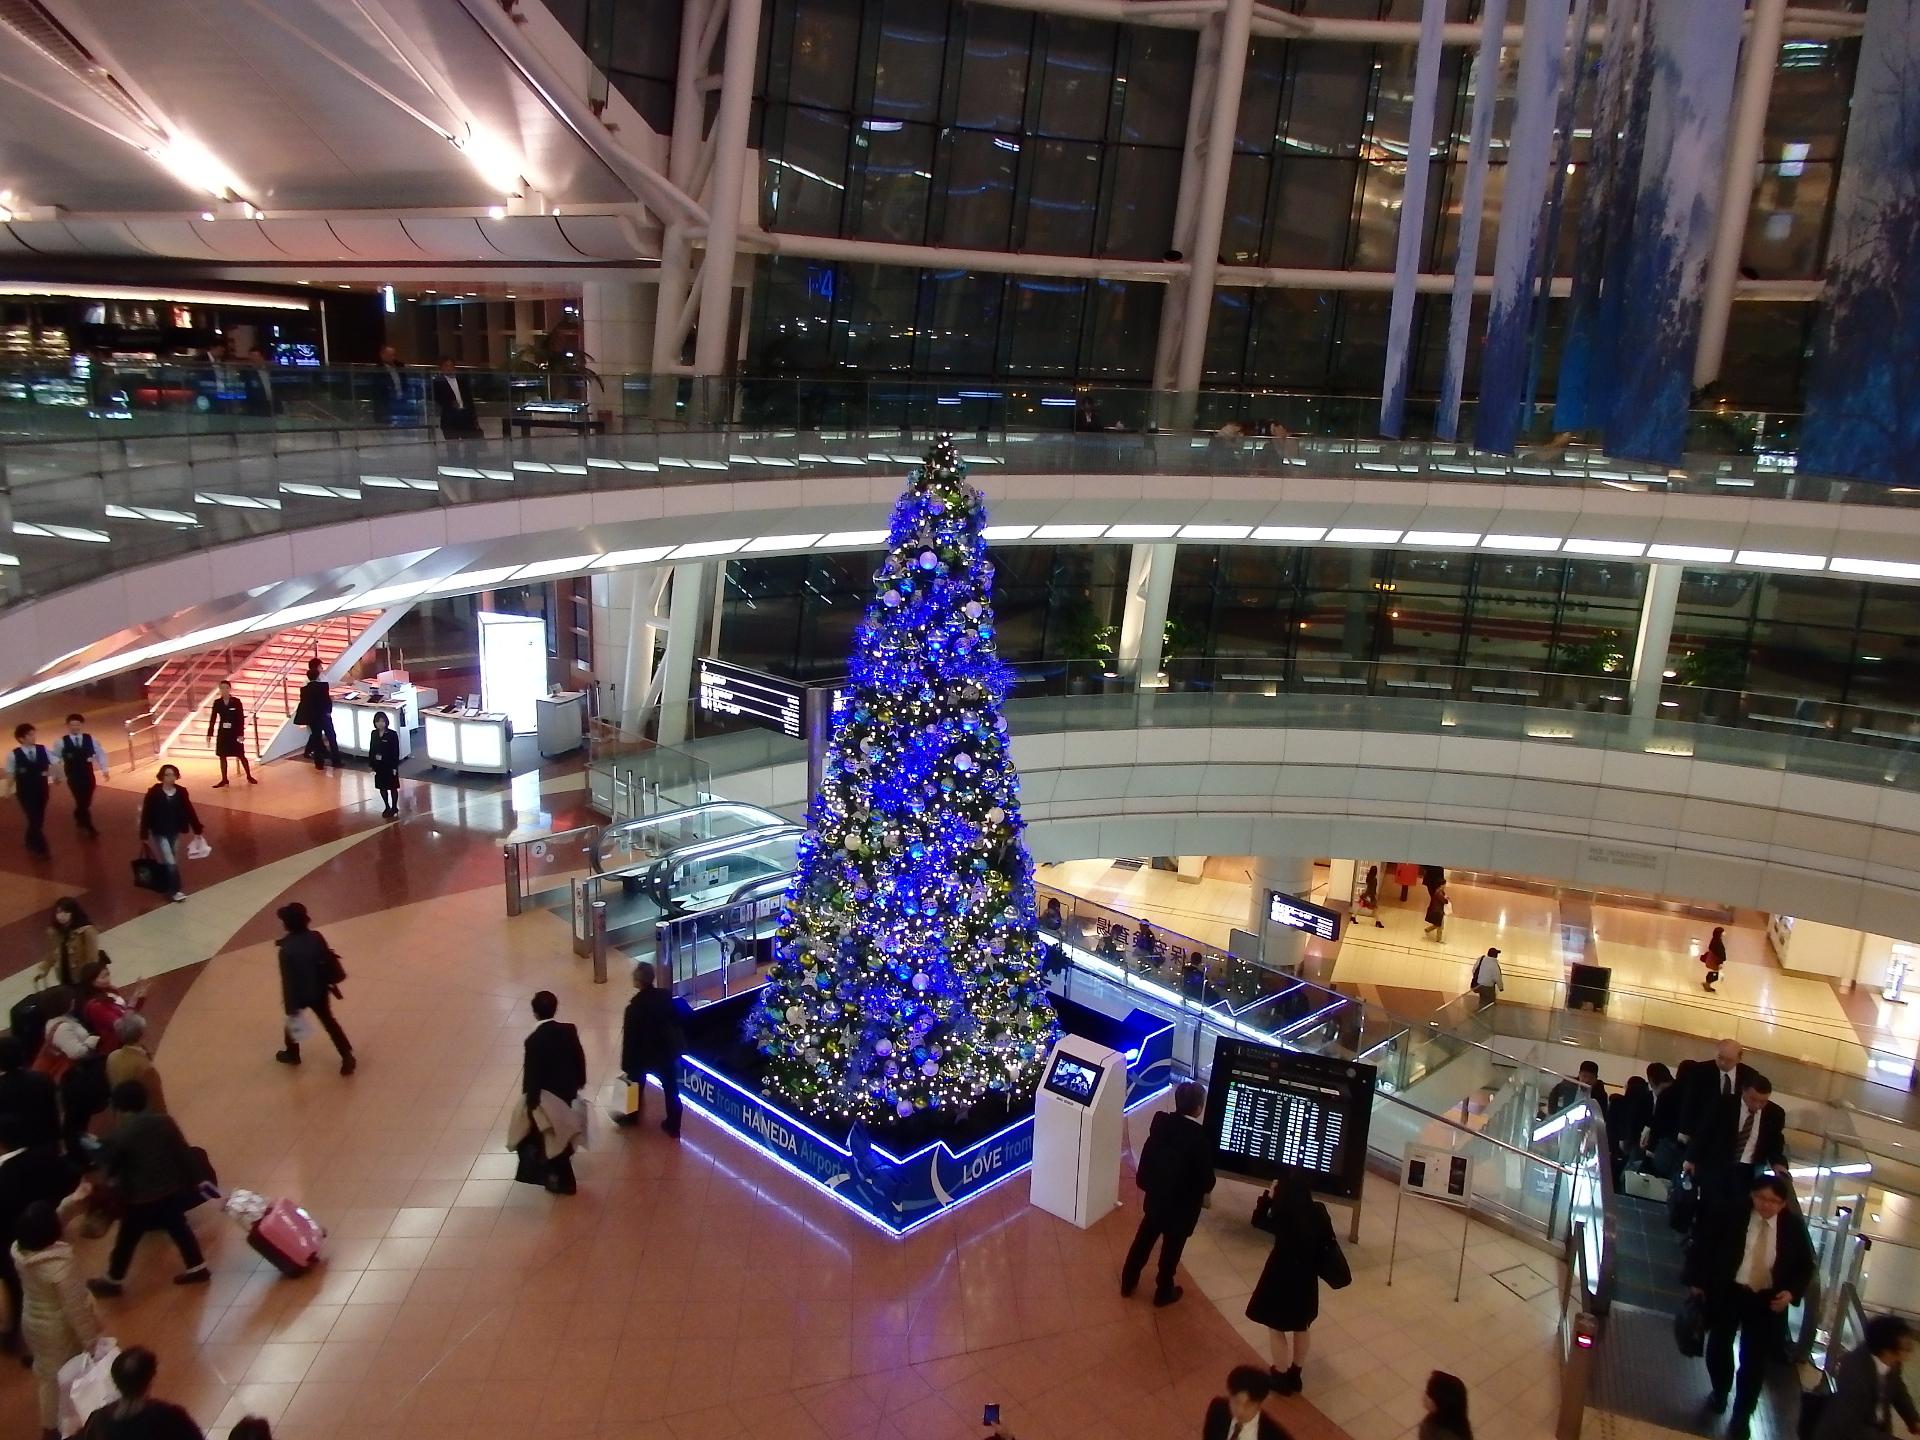 第2ターミナルです。